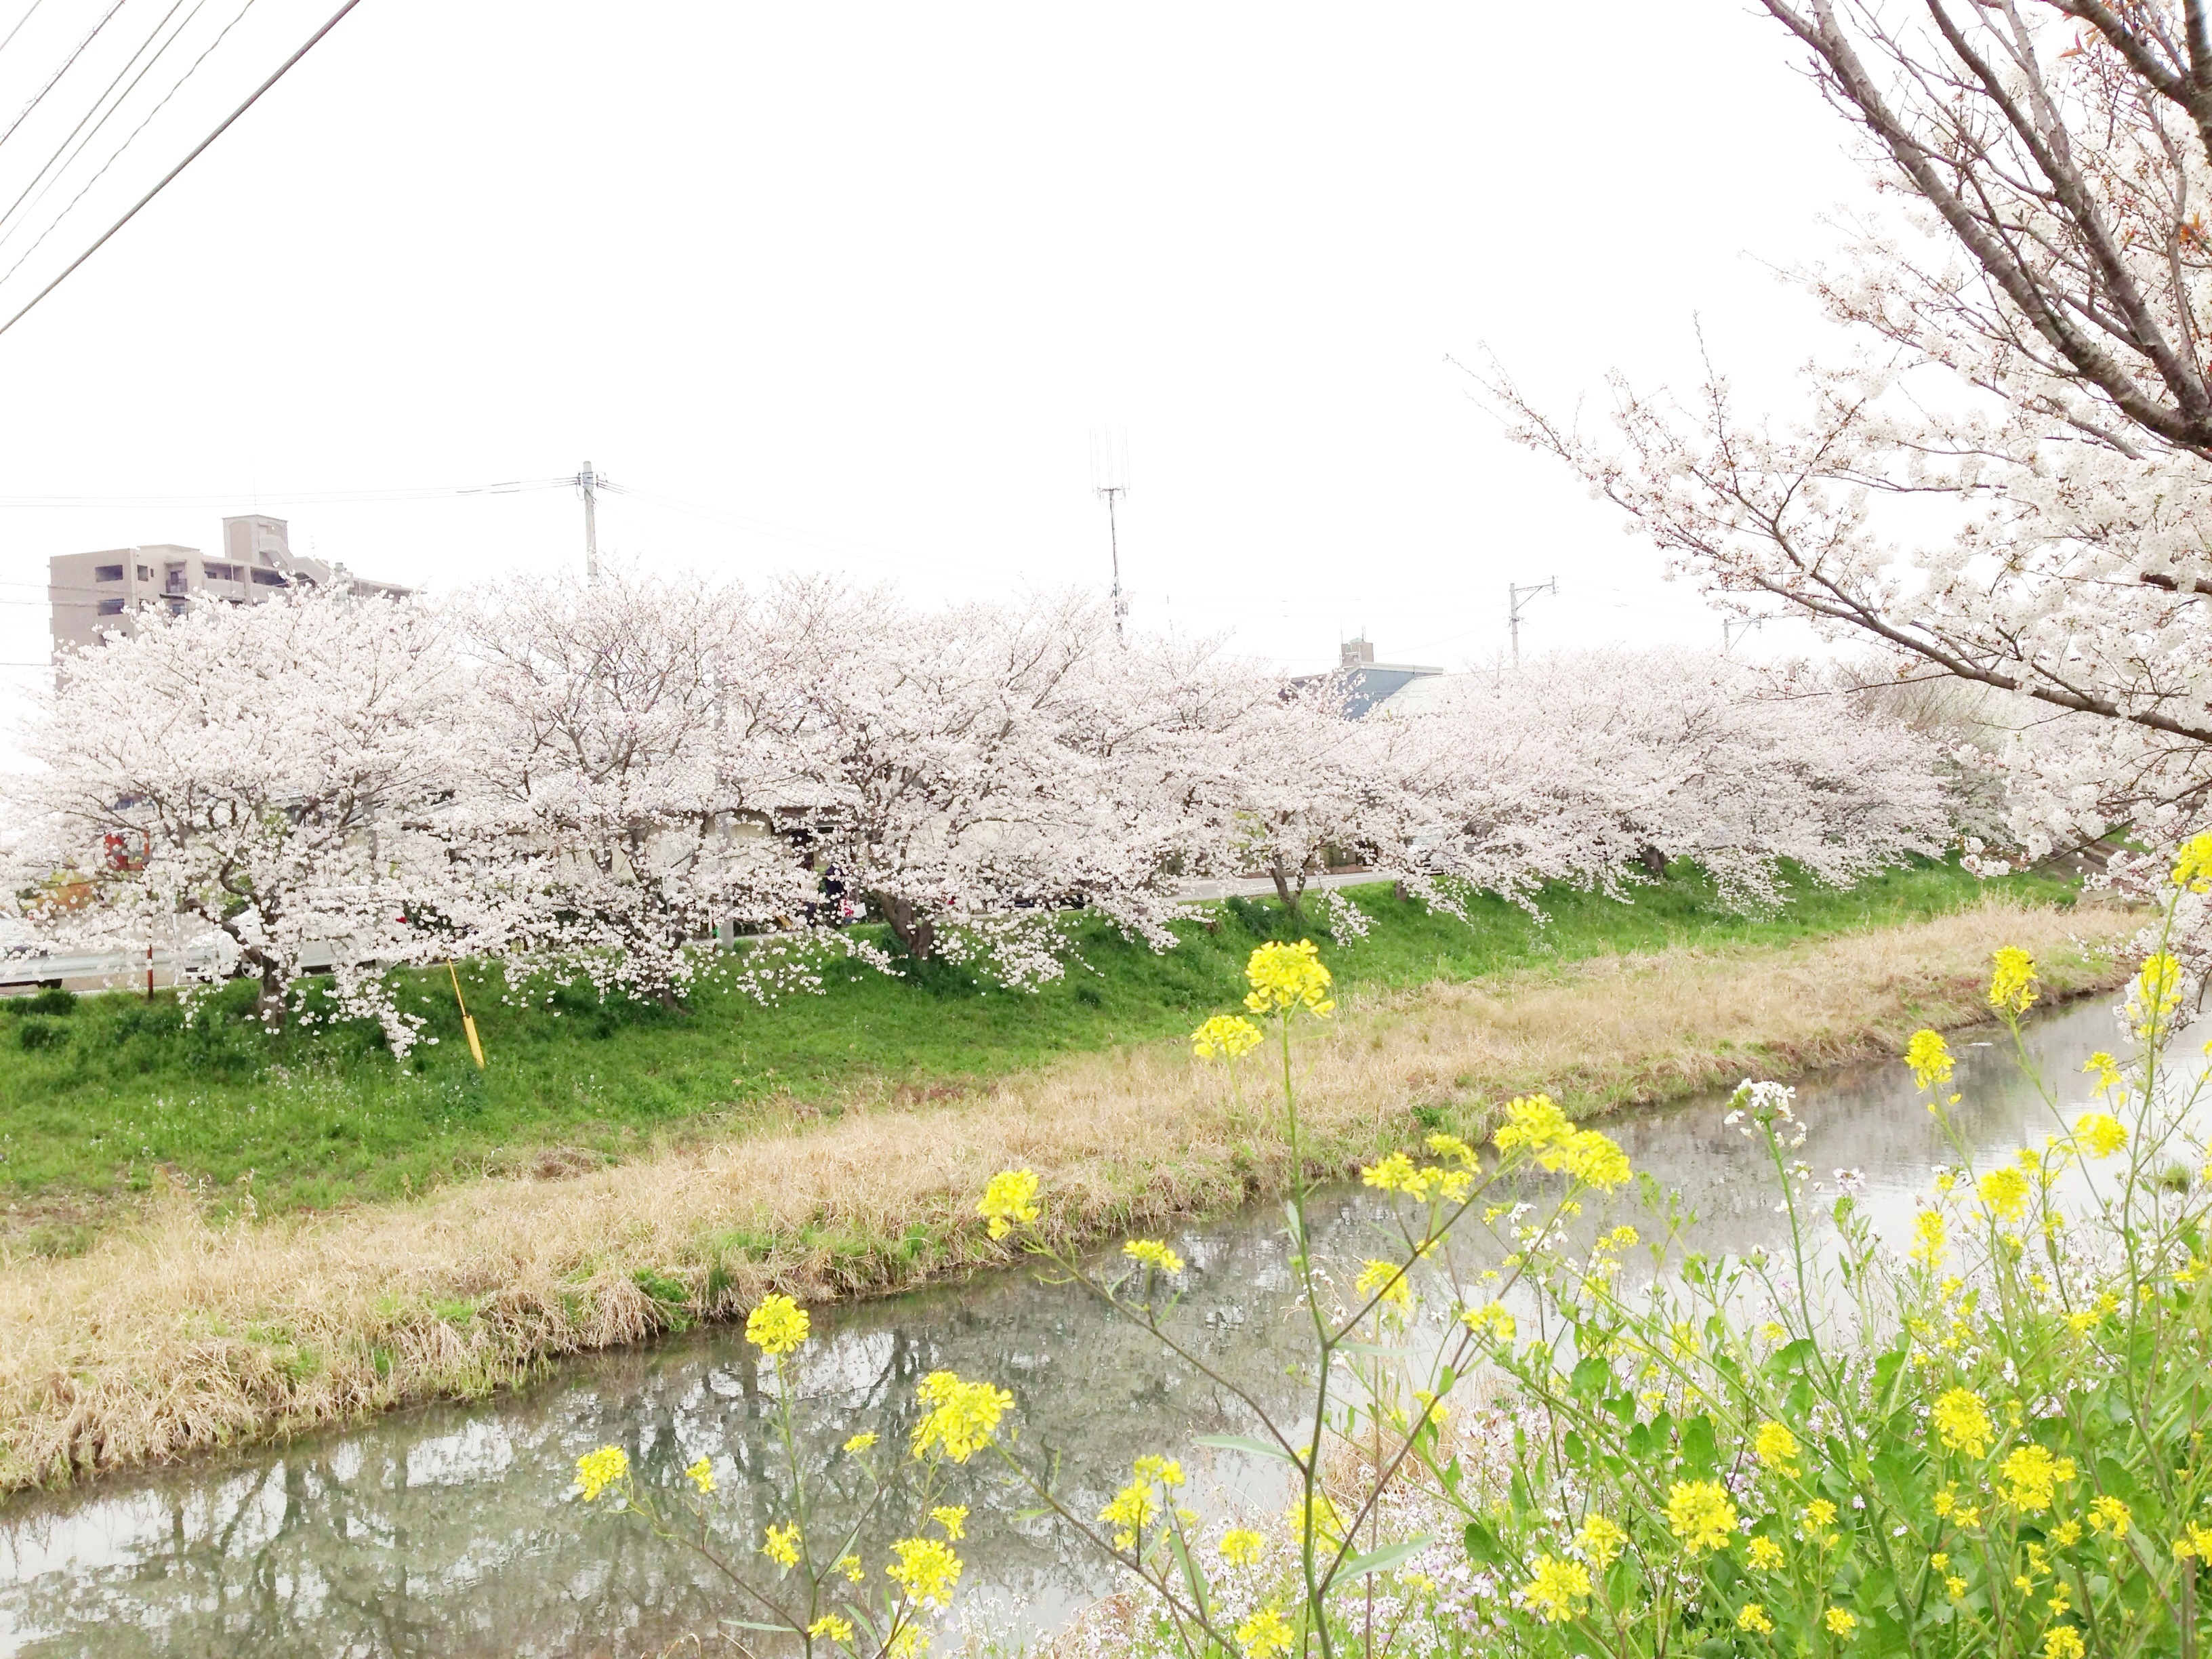 【糸島】食べて飲んでばかりが花見じゃない!周船寺~波多江をゆっくり散策。桜の美しさを楽しみました!